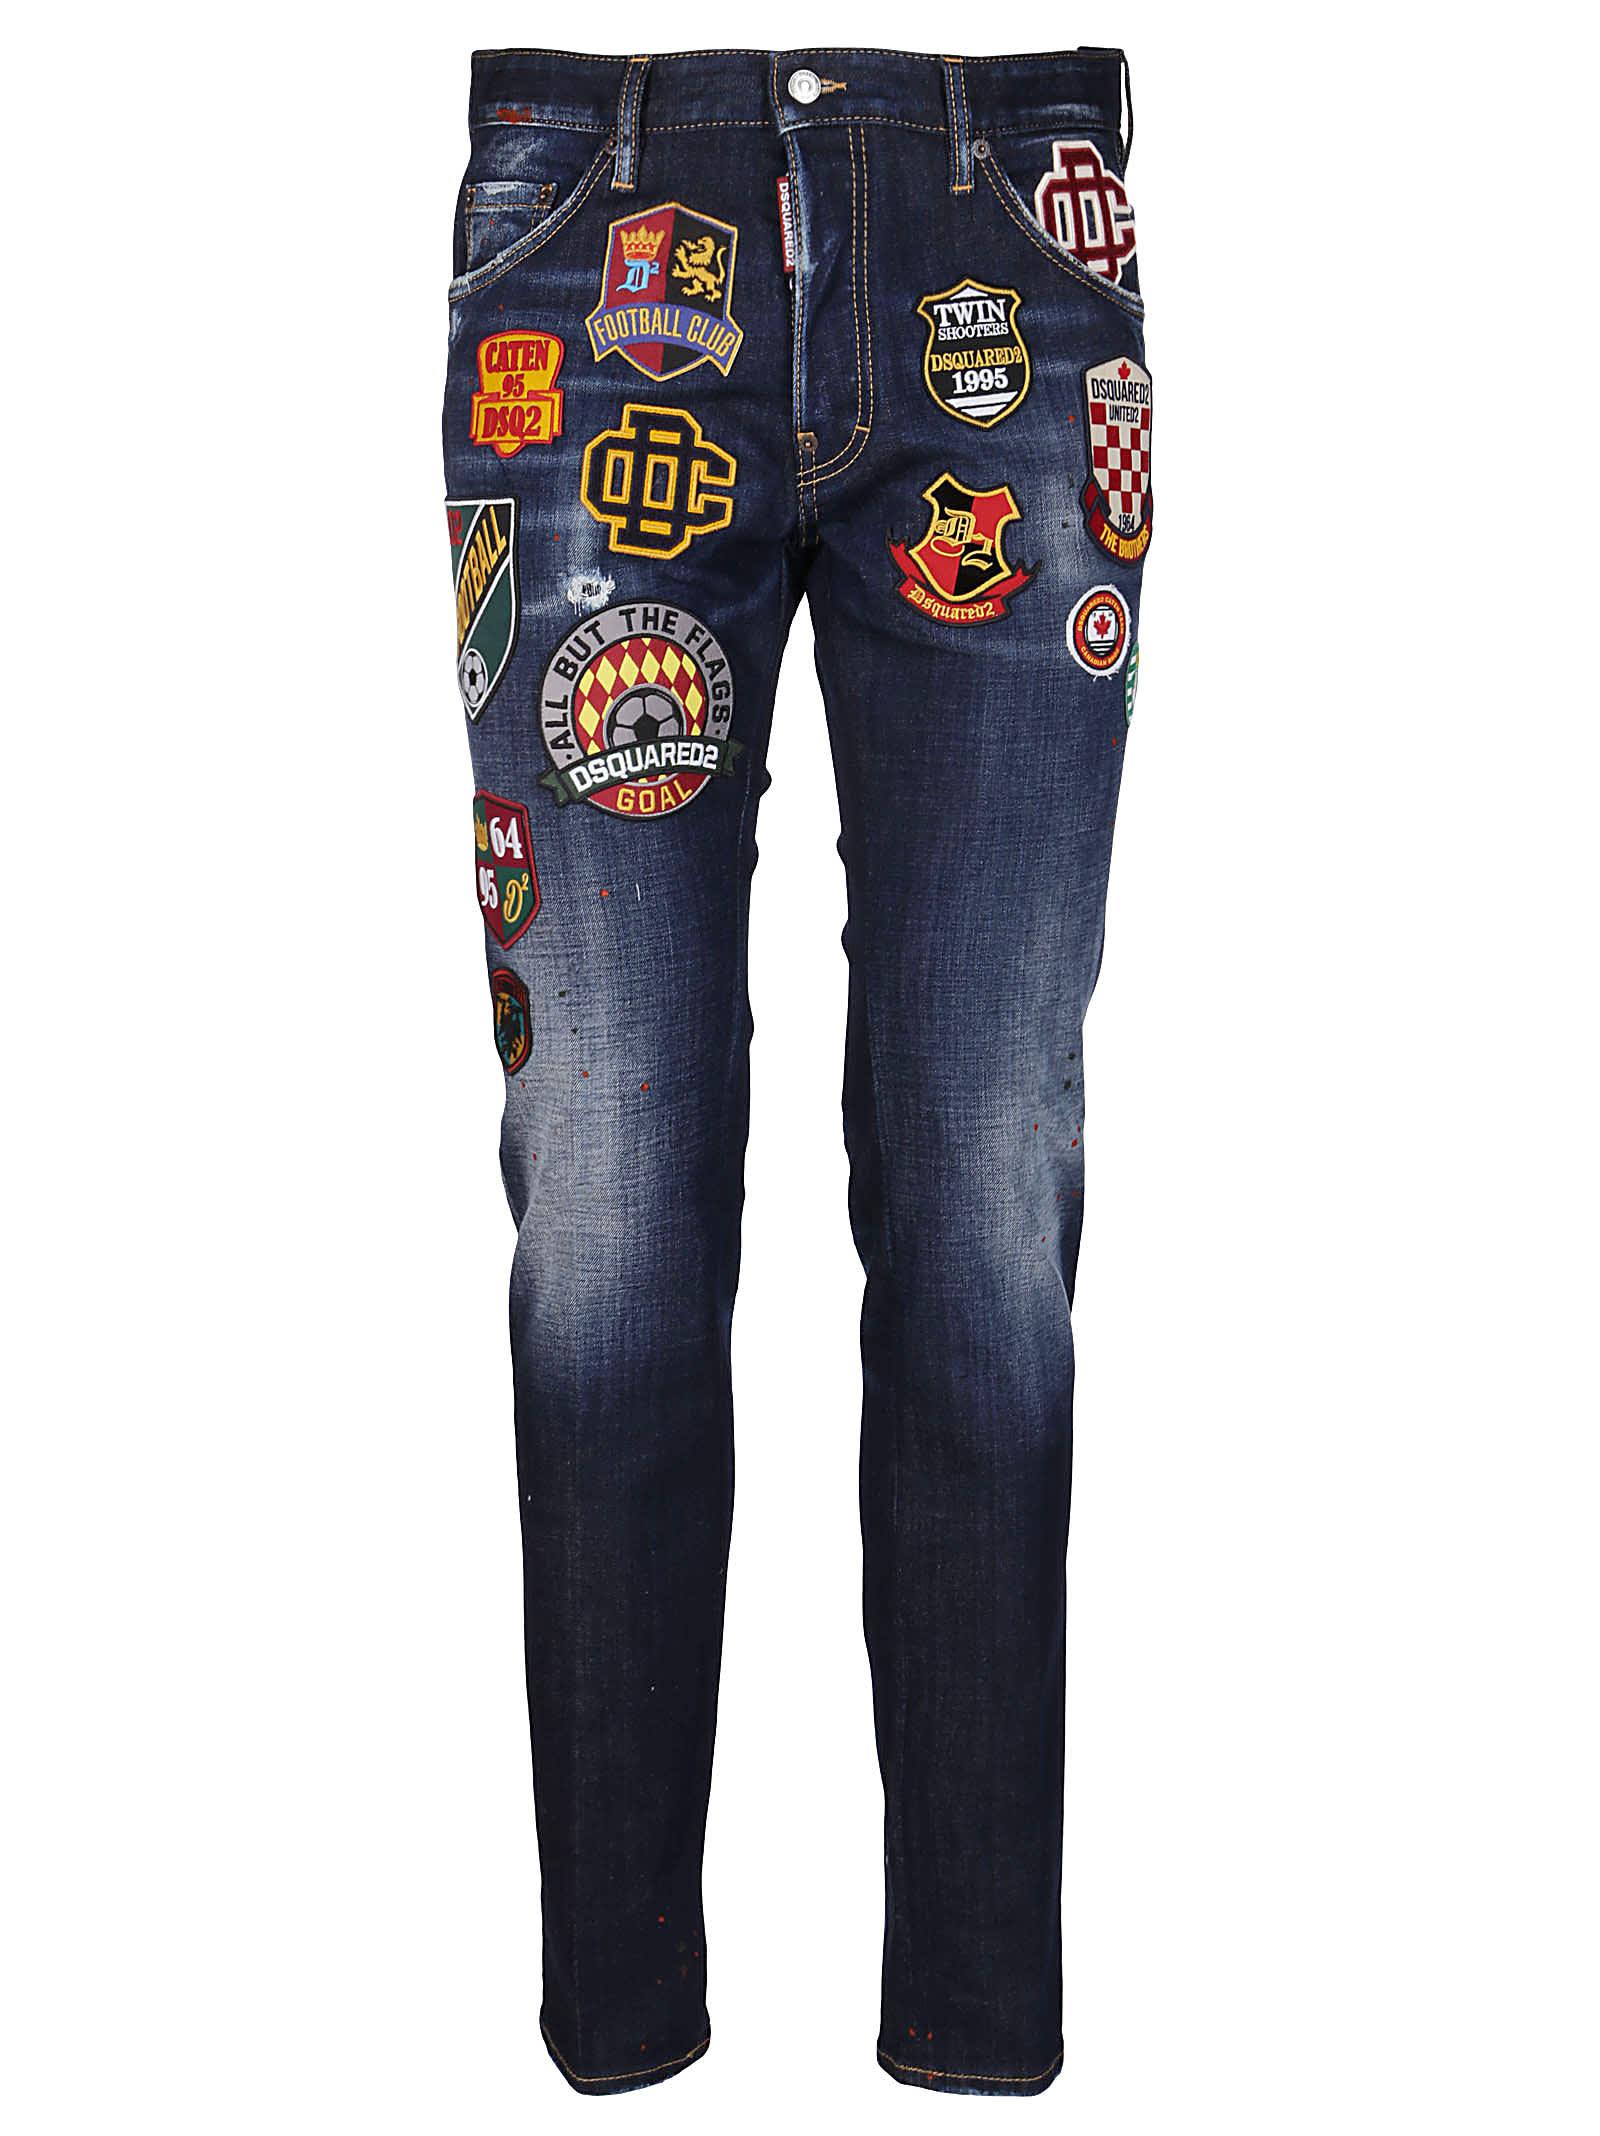 Blue Elasticated Cotton Jeans